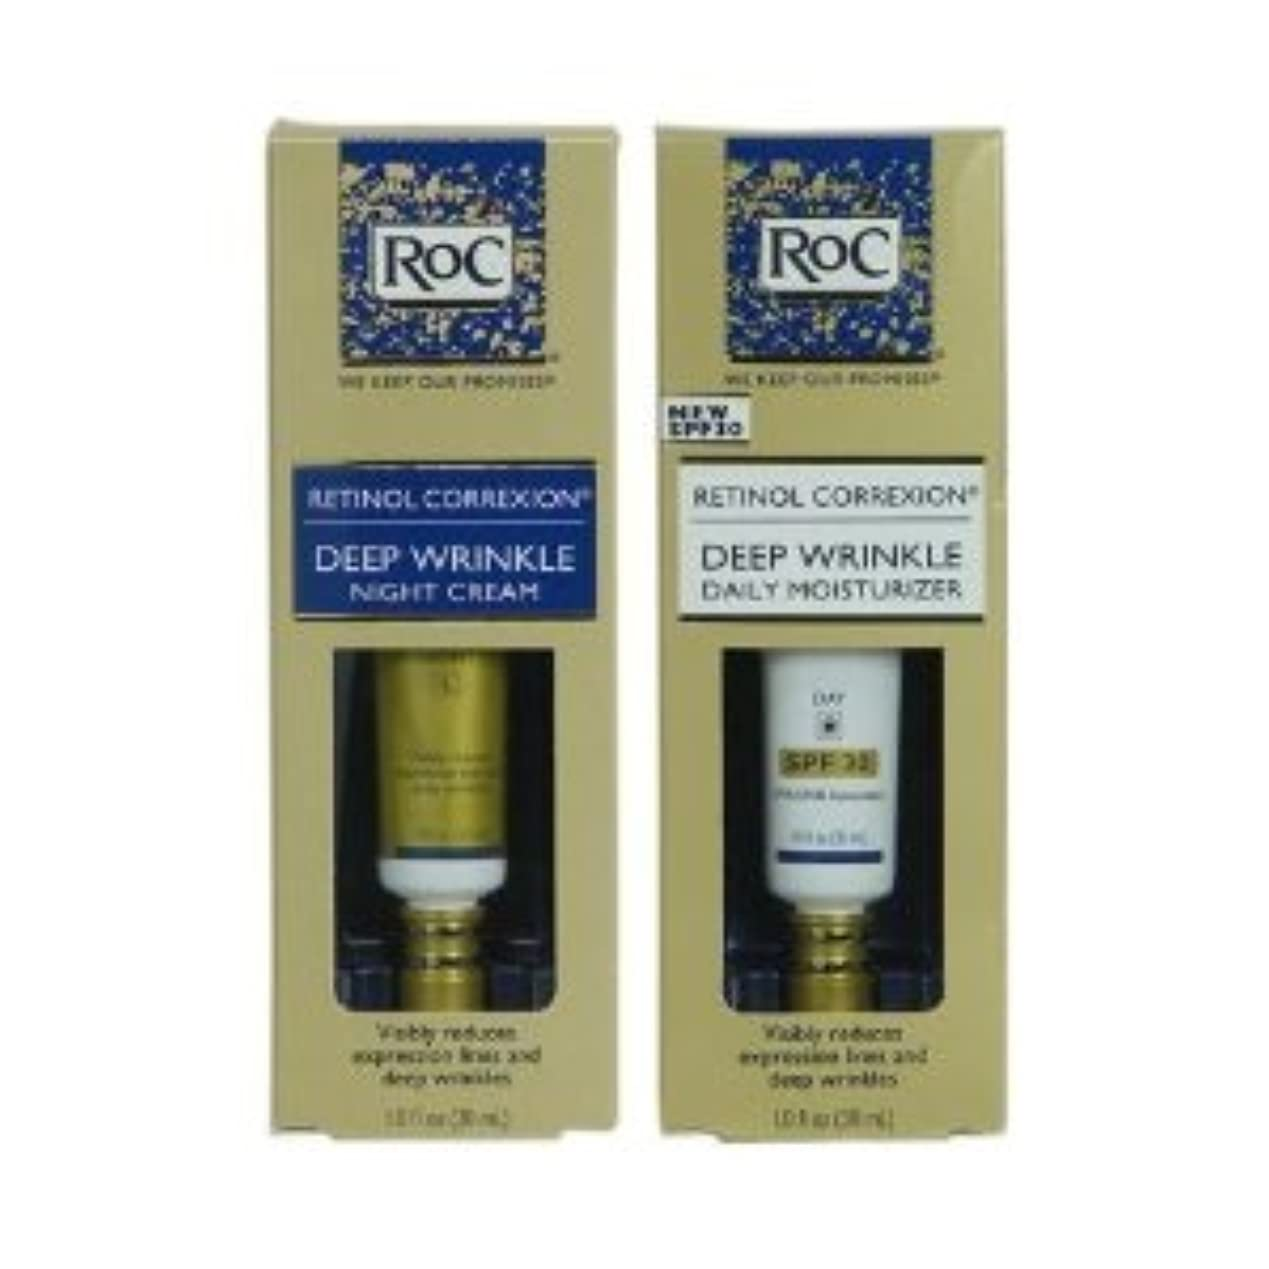 正当な固執待ってRoC レチノール コレクション 2本セット (昼+夜セット) フランス製 RoC Retinol Correxion Deep Wrinkle Day/Night set